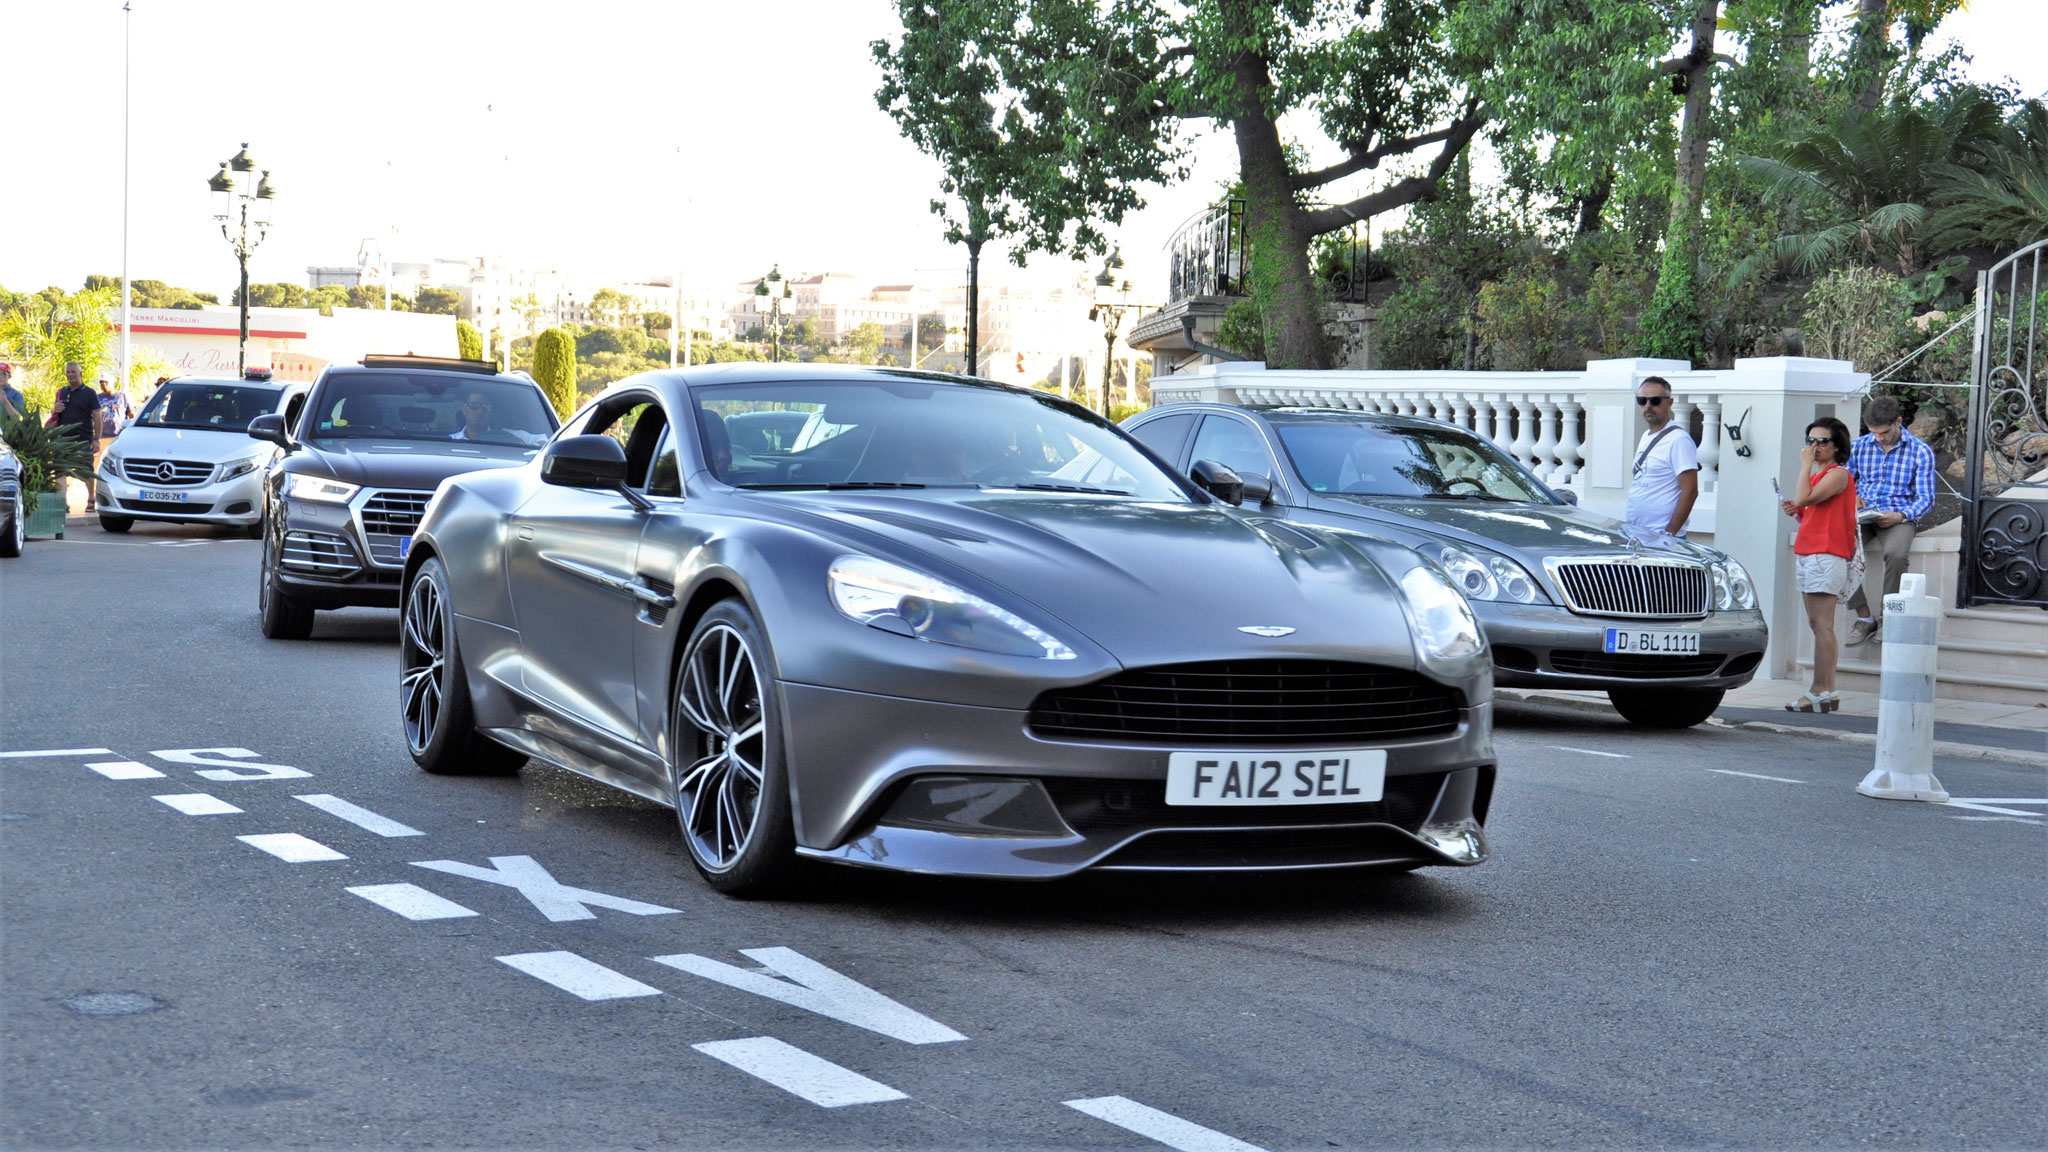 Aston Martin Vanquish - FA12-SEL (GB)